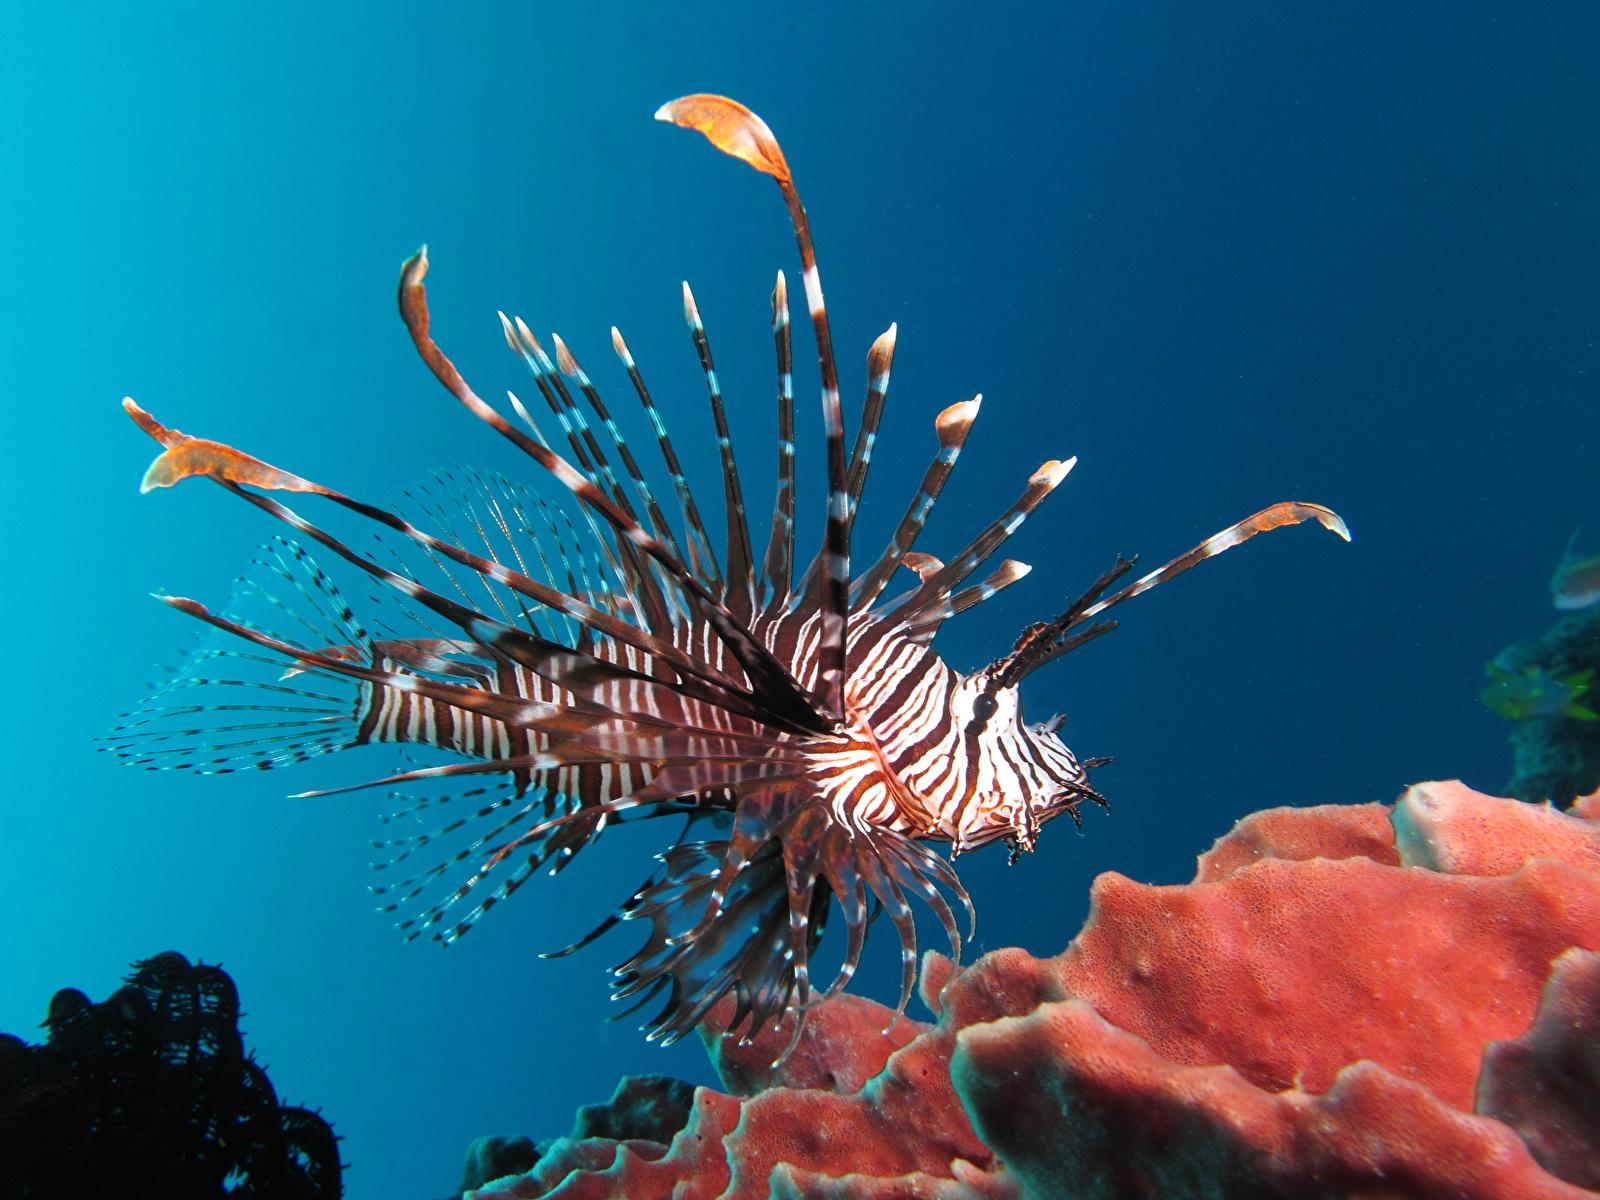 Фотография Крылатки Рыбы Подводный мир Кораллы животное 1600x1200 крылатка Животные